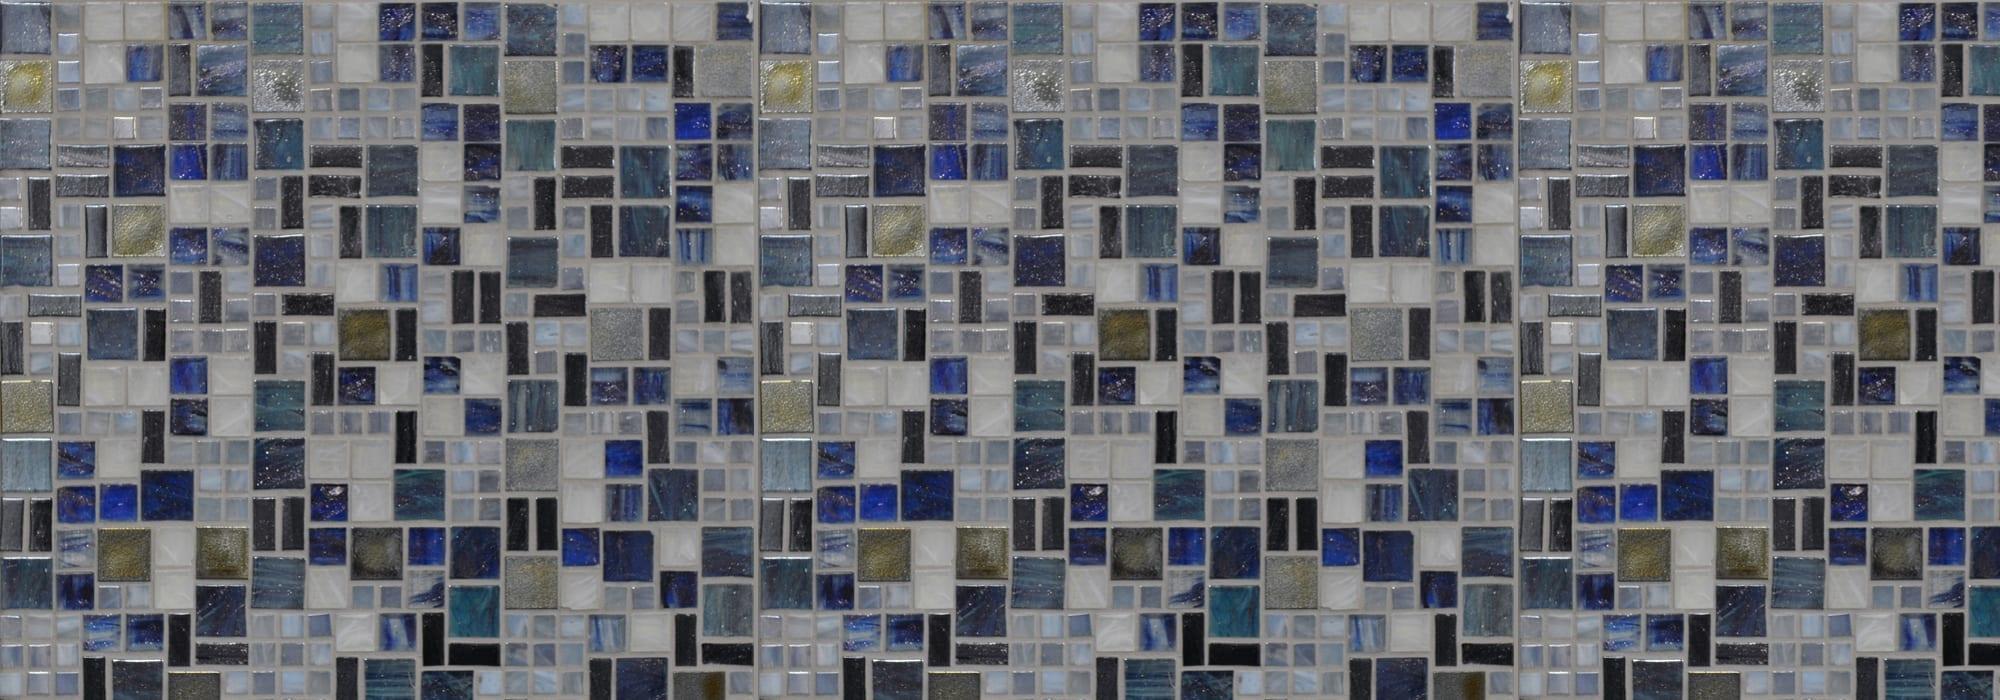 פסיפס זכוכית סאטוס מידות שונות by Milstone